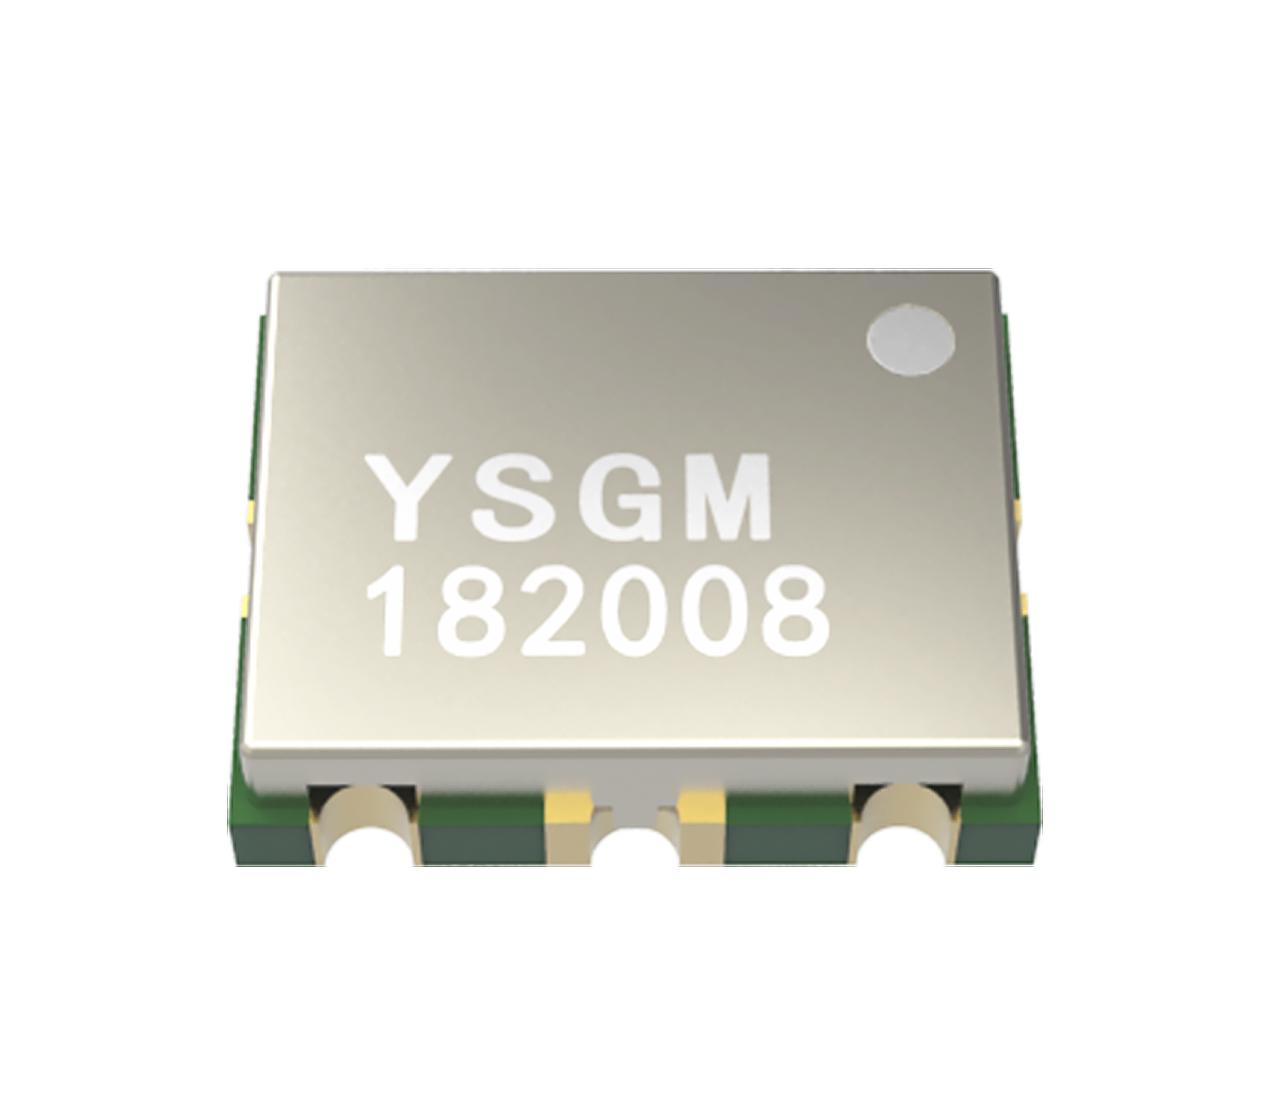 YSGM182008